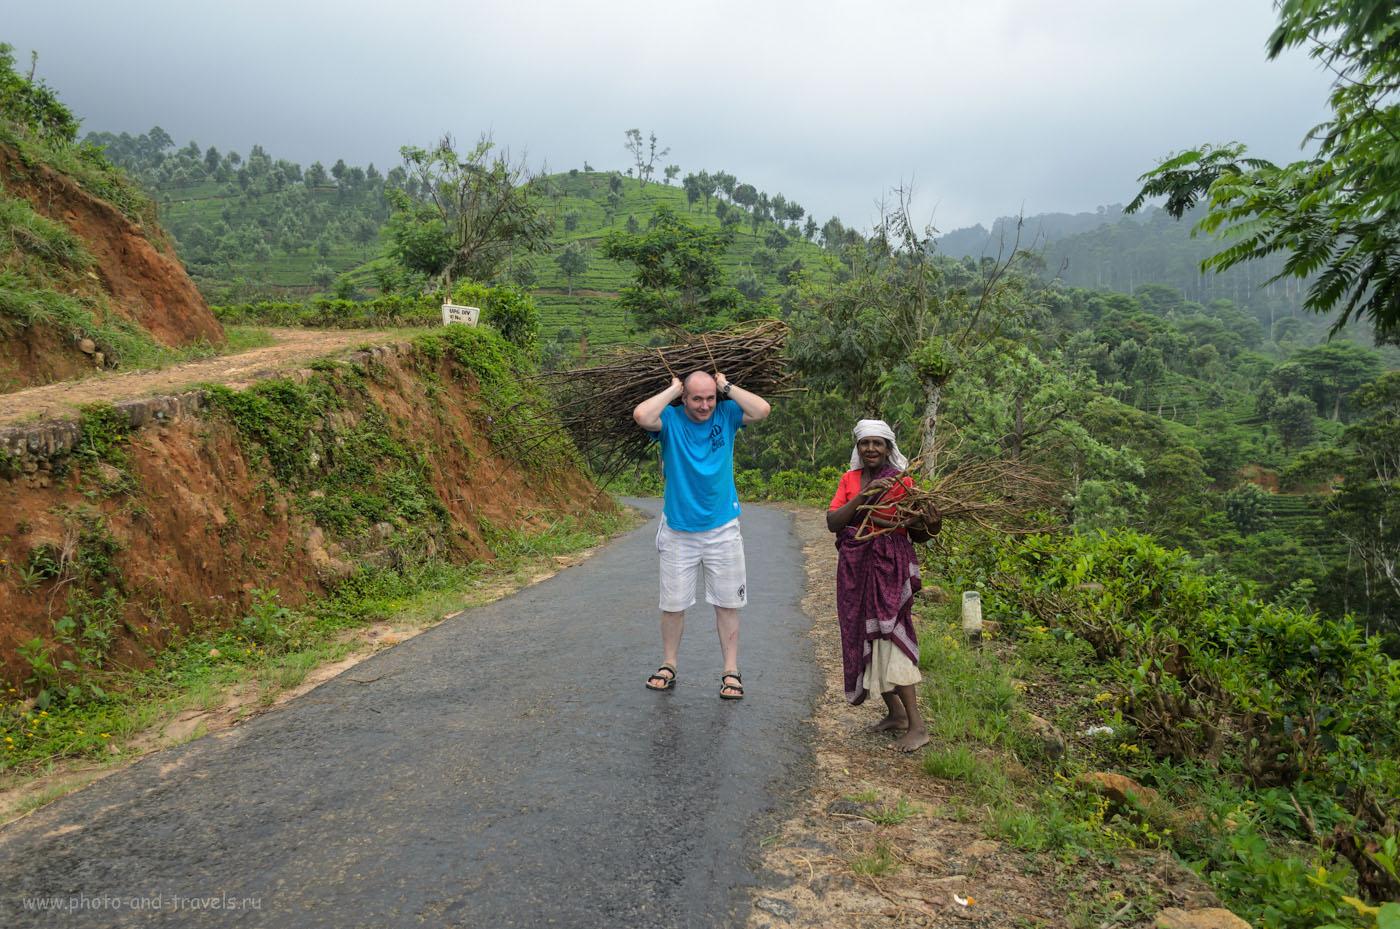 Фотография 12. Туристы на Шри-Ланке вынуждены работать на чайных плантациях и собирать хворост для местных жителей. Отдых на Цейлоне и безопасность.